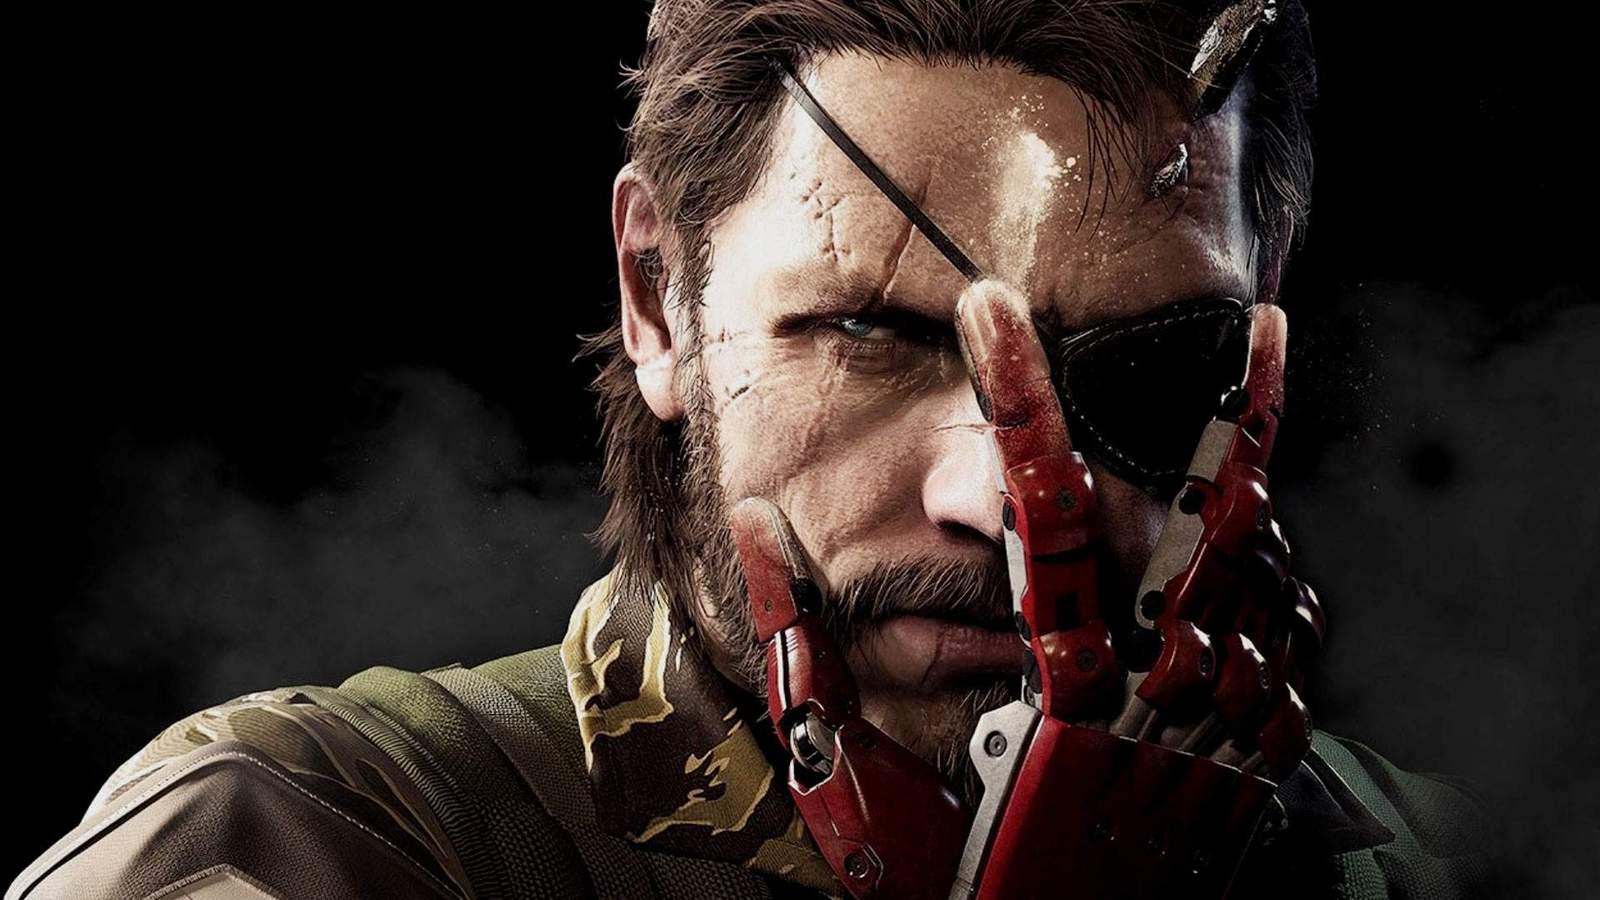 Metal Gear Solid 6 və yeni Silent Hill oyunları barədə şaiyələr yayılıb